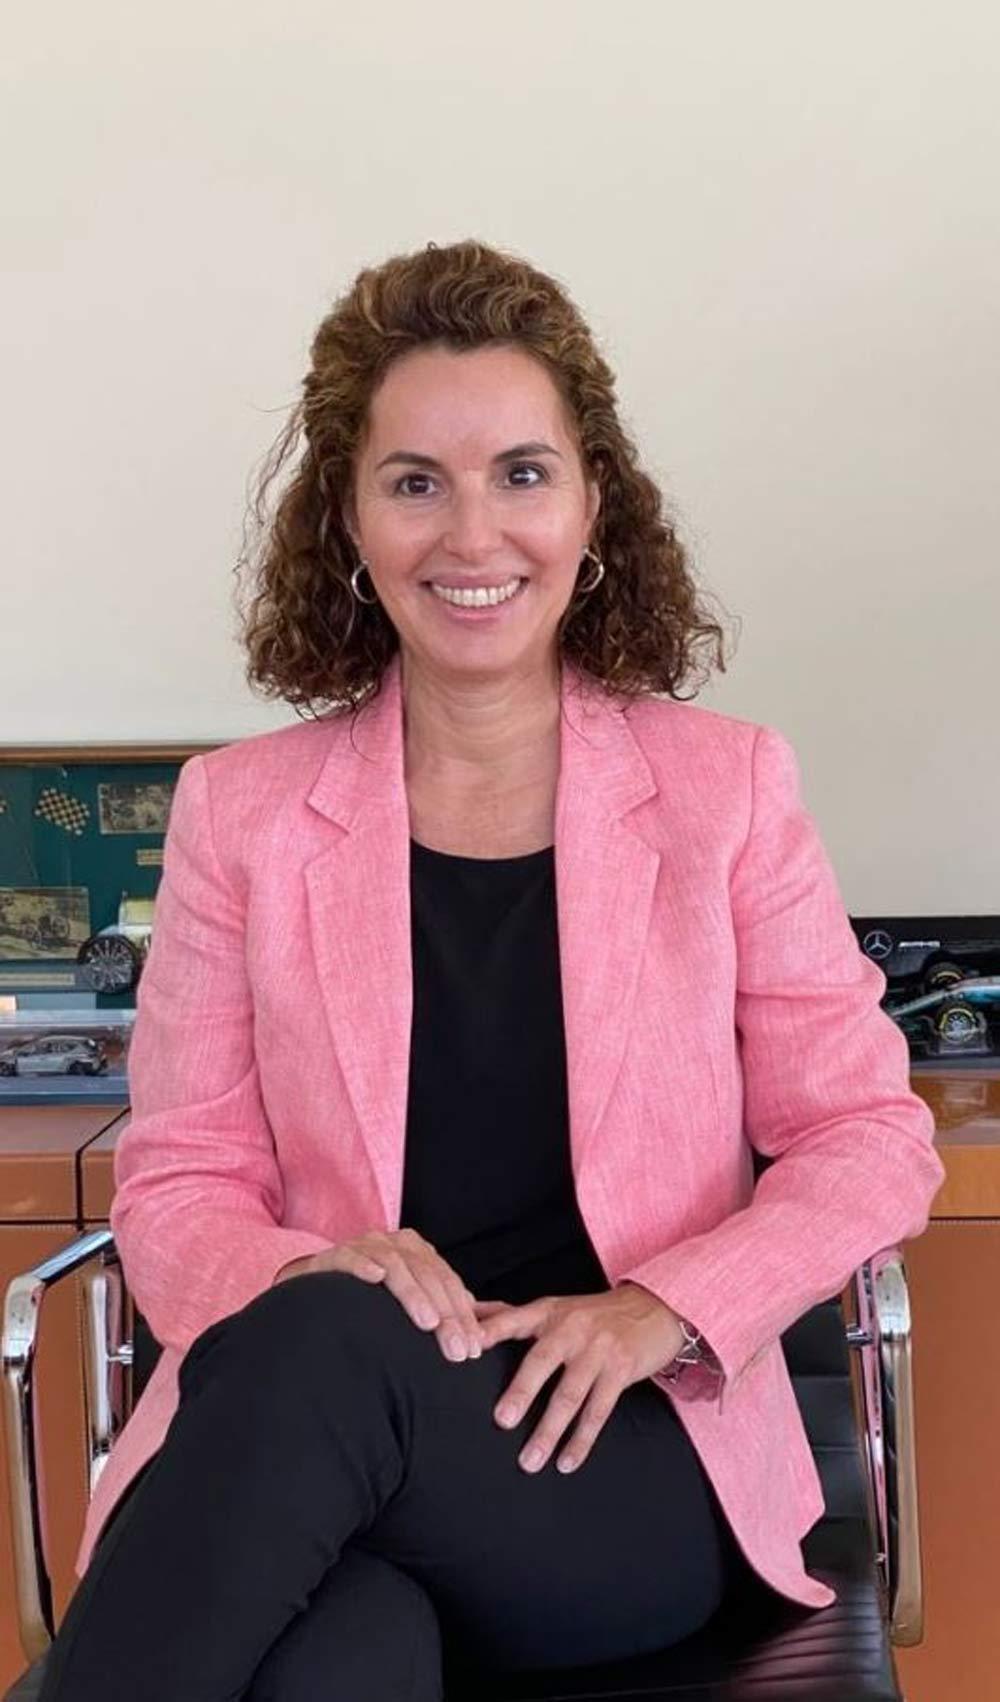 Maria Dolores Arbelo, Directora General del Grupo Rahn, acompañará al actual Delegado Territorial de Faconauto en Canarias.